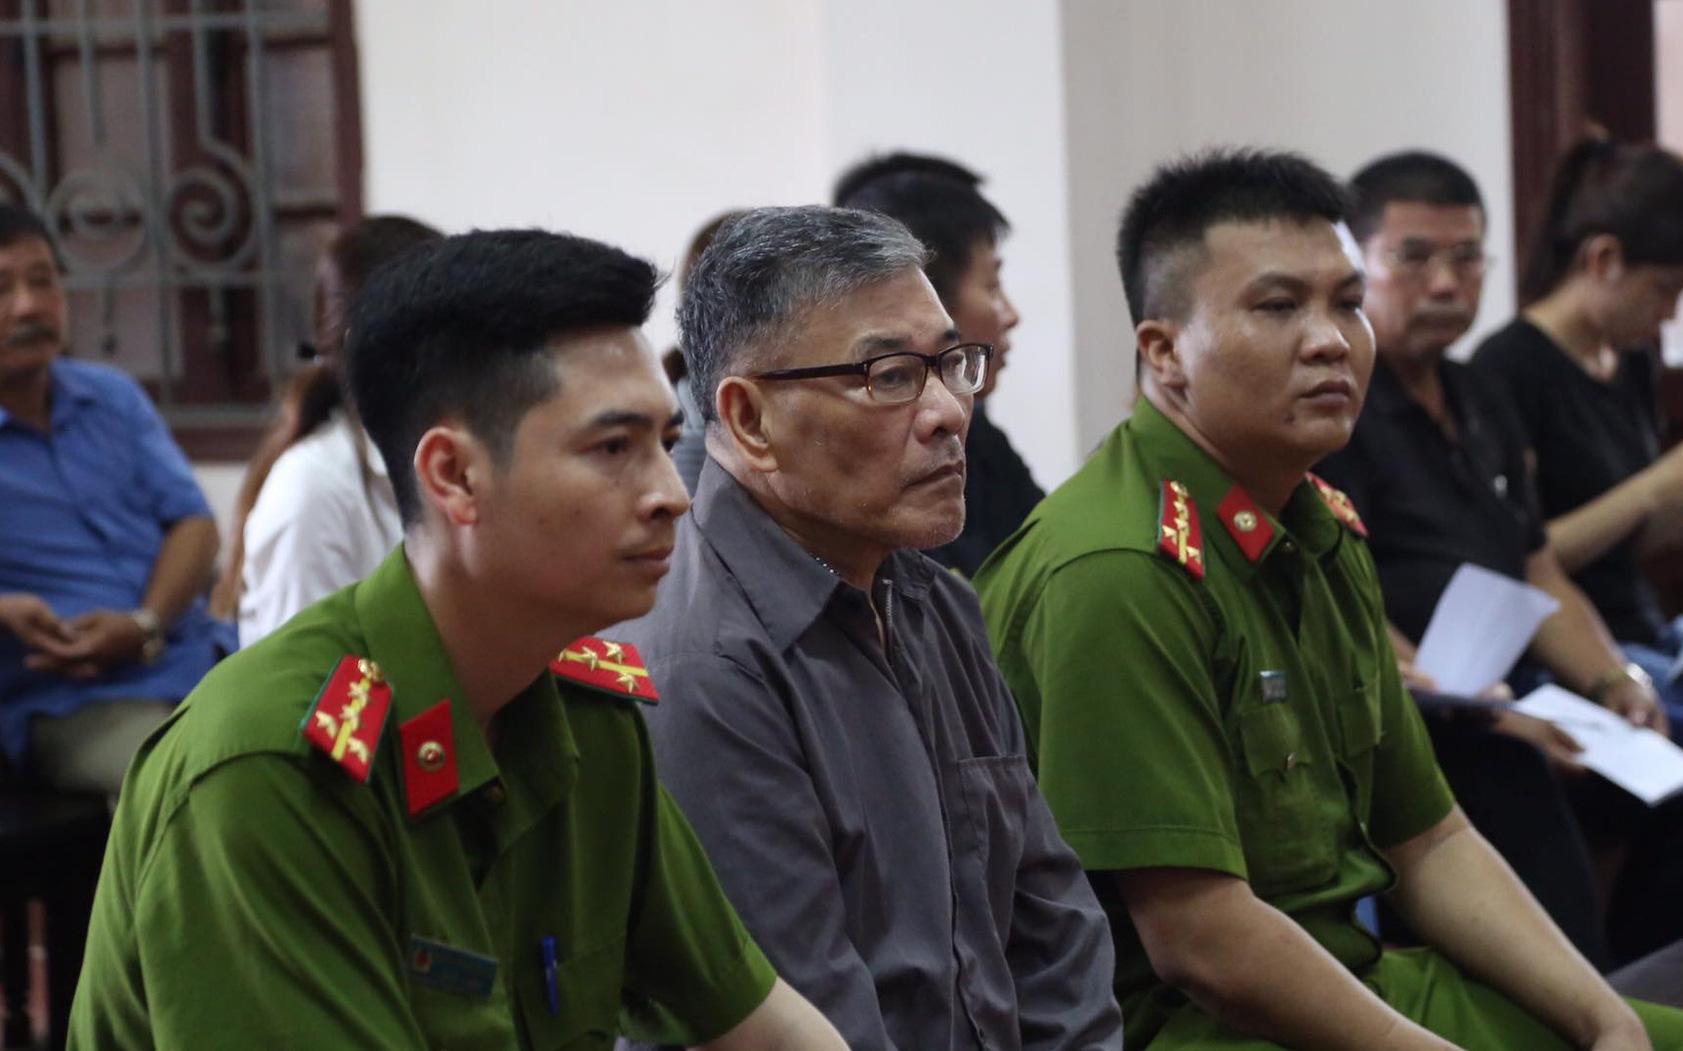 Trực tiếp xét xử vụ anh trai cầm dao truy sát cả nhà em gái ở Thái Nguyên: Người thân mang di ảnh nạn nhân tới toà